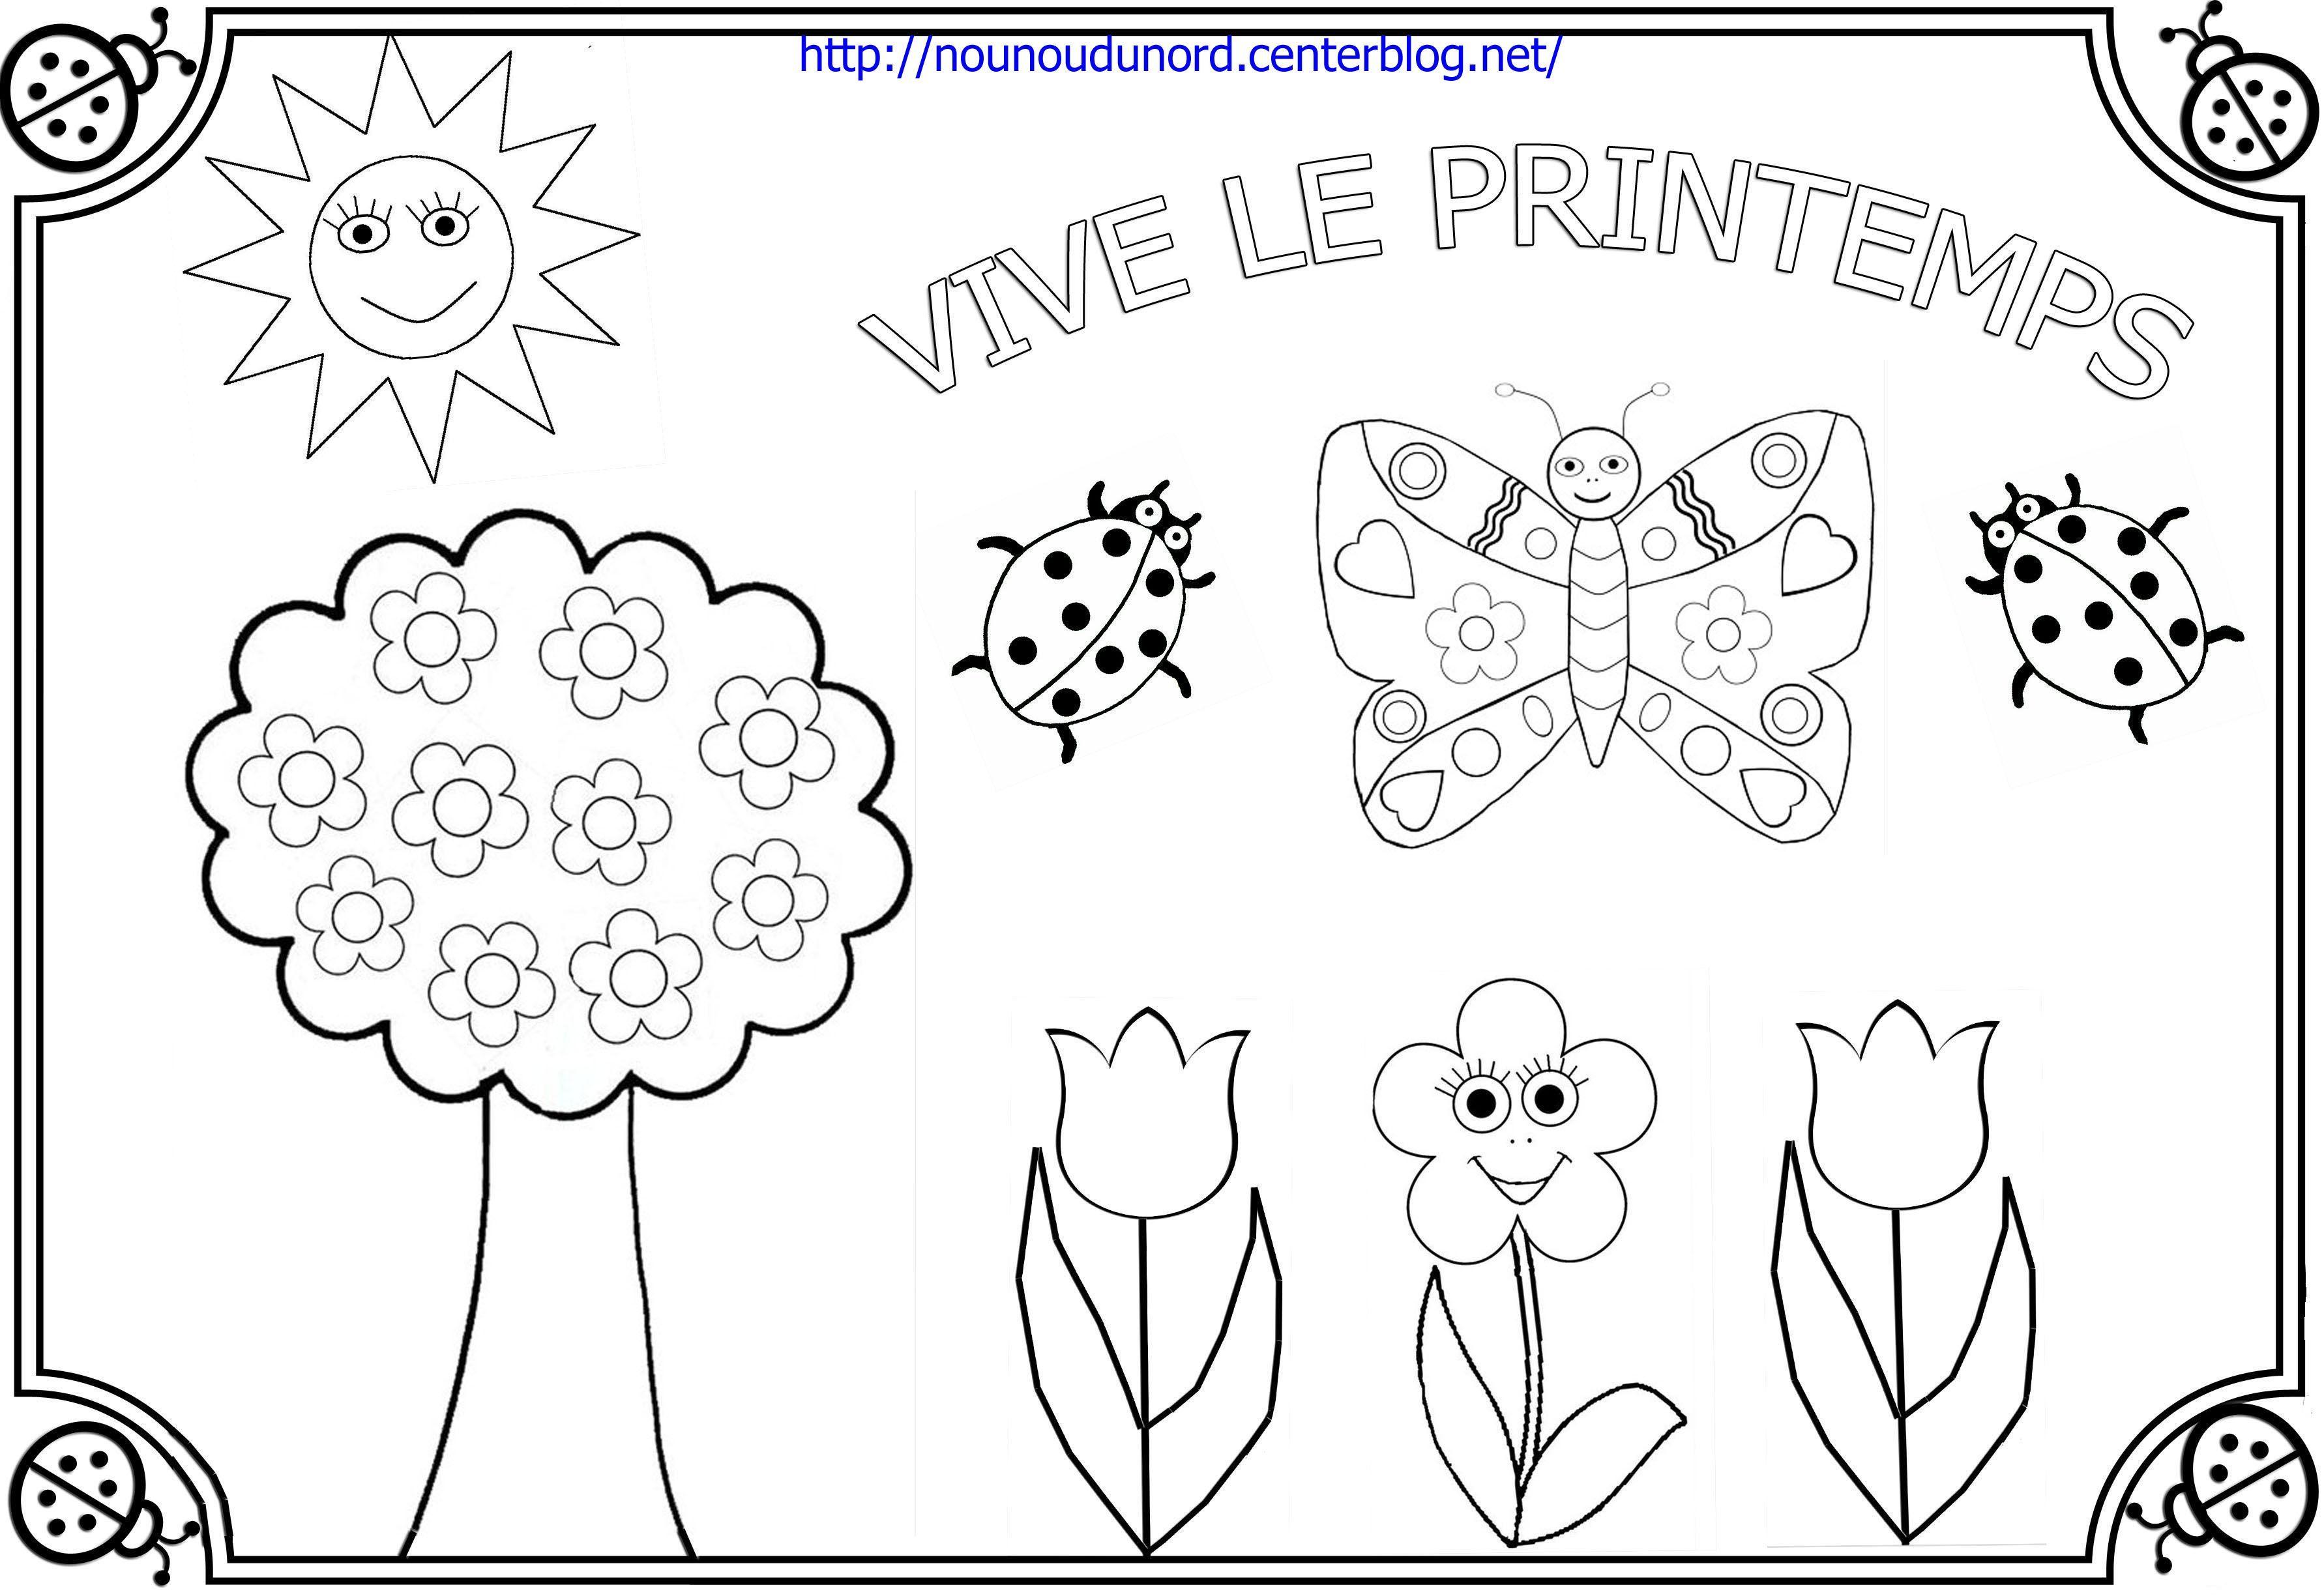 Coloriage printemps dessin par nounoudunord - Le printemps gs ...